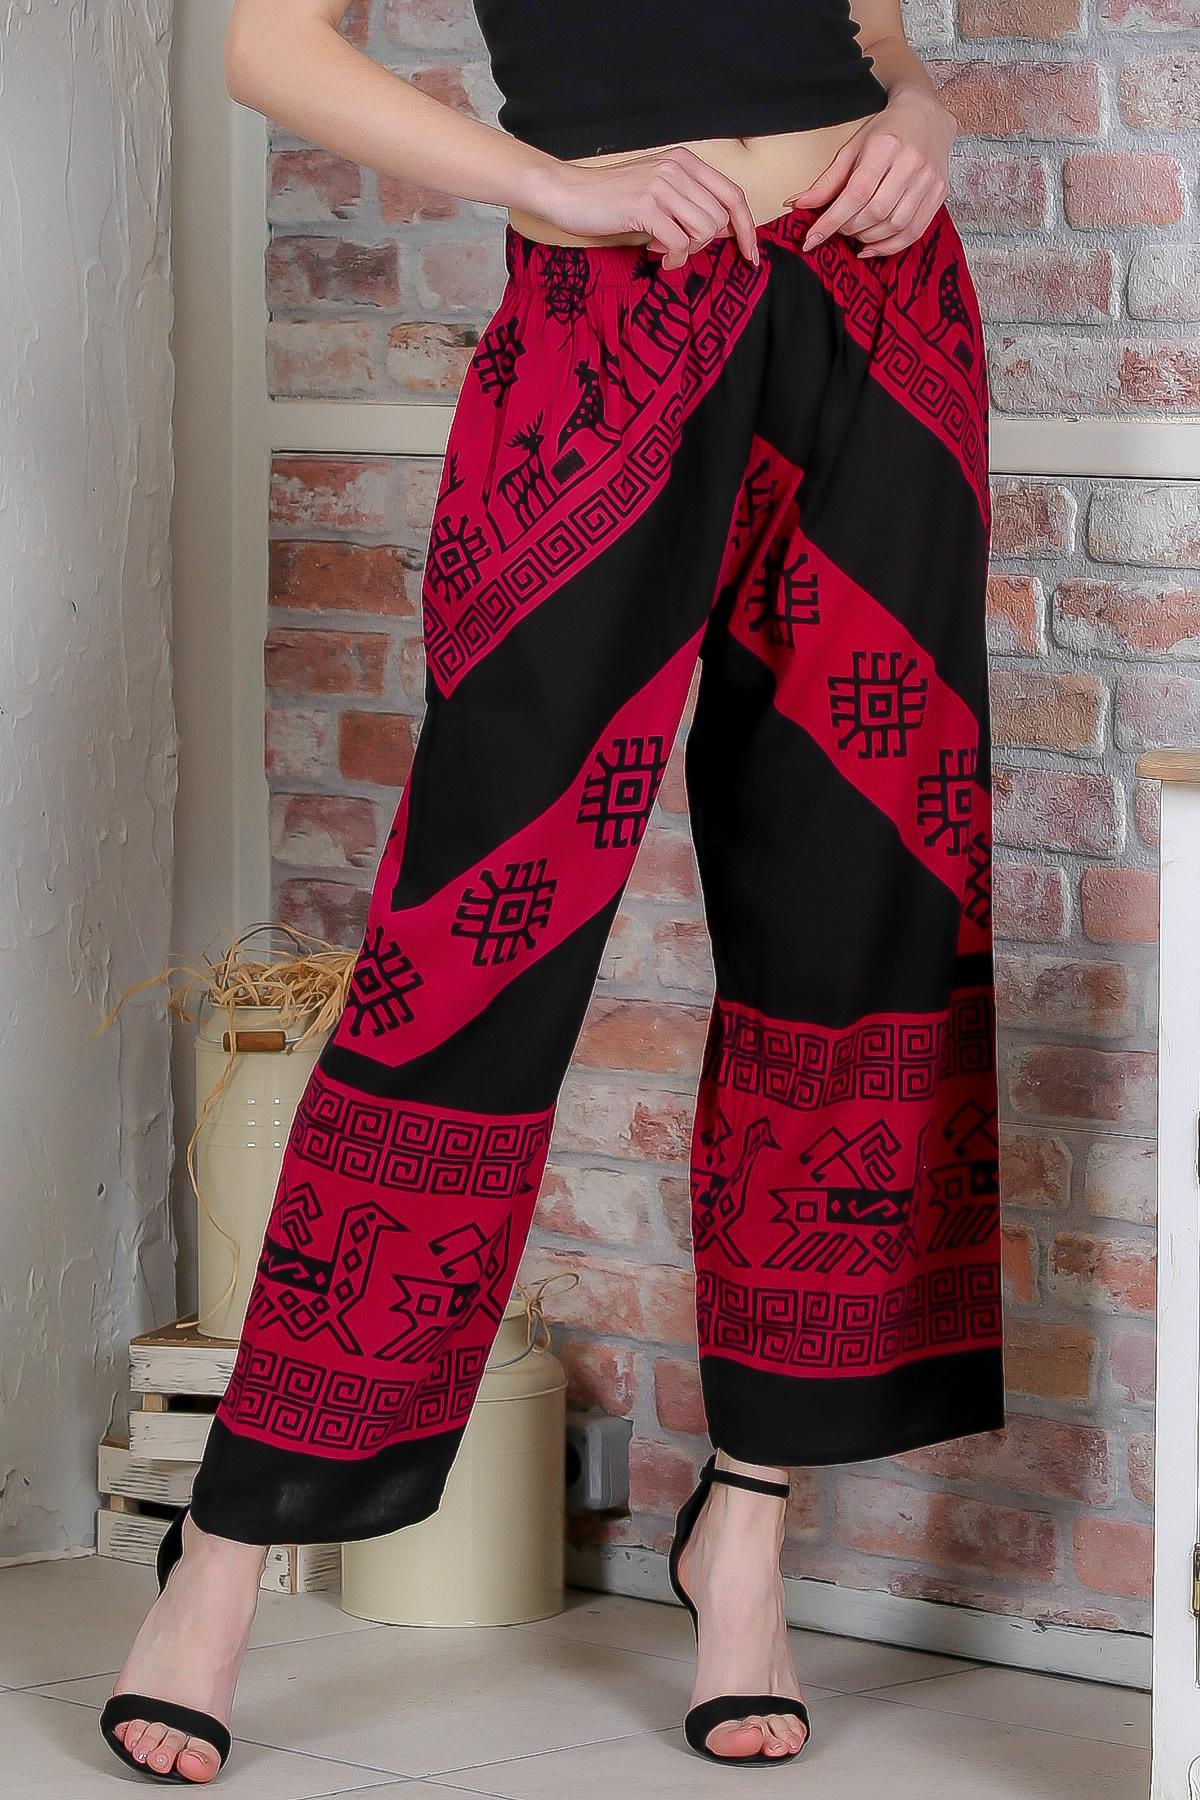 Chiccy Kadın Siyah-Fuşya Eti Taş Baskı Dokuma Pantolon M10060000PN98895